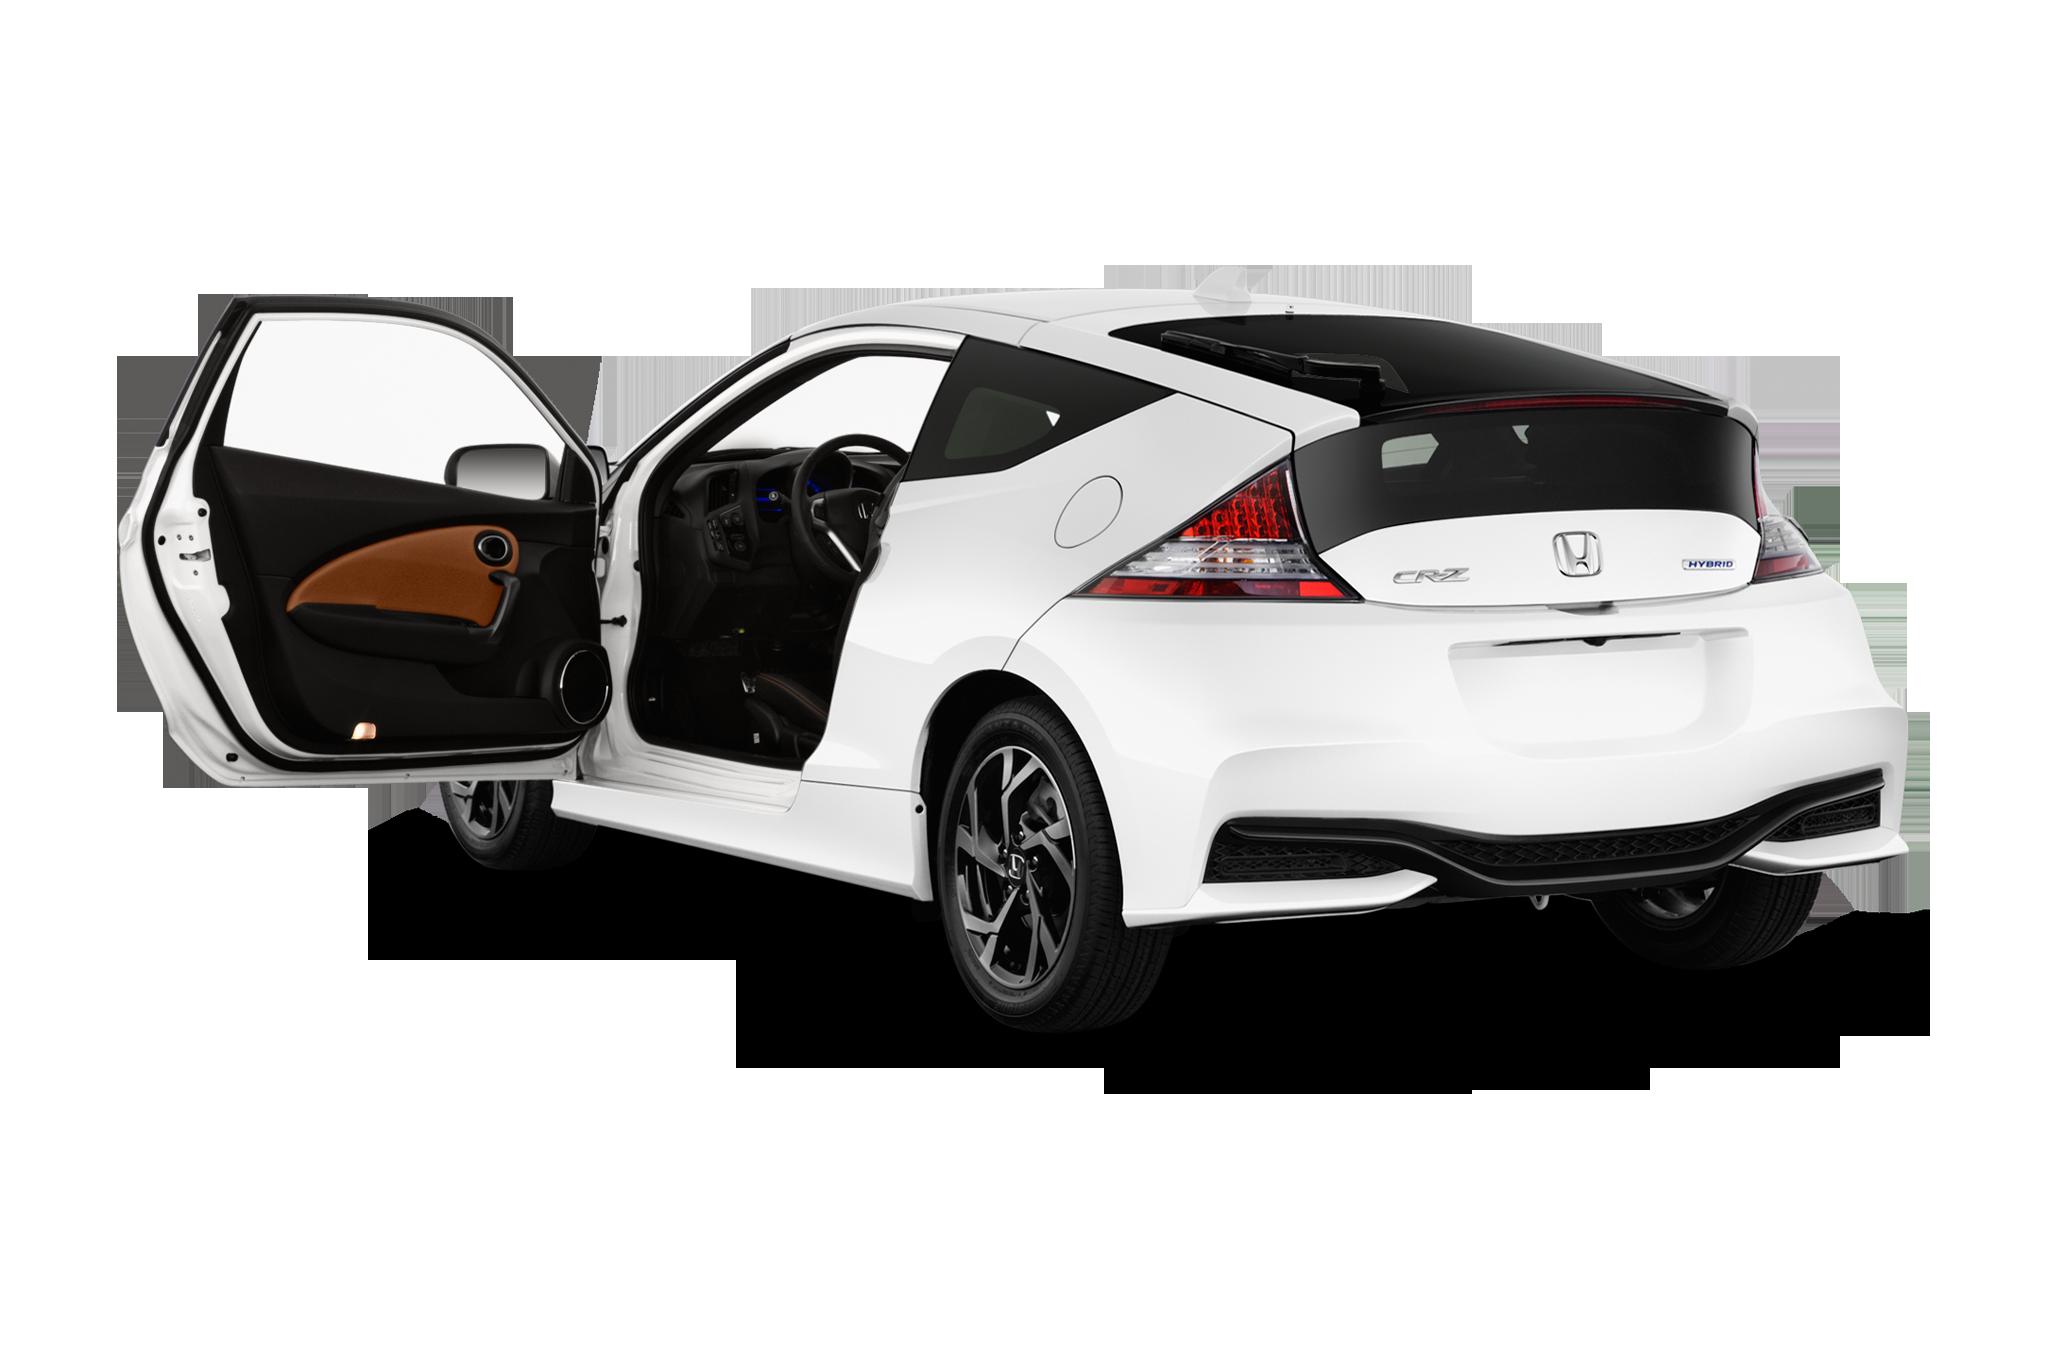 Honda CR-Z 2010 - 2016 Hatchback 3 door #7